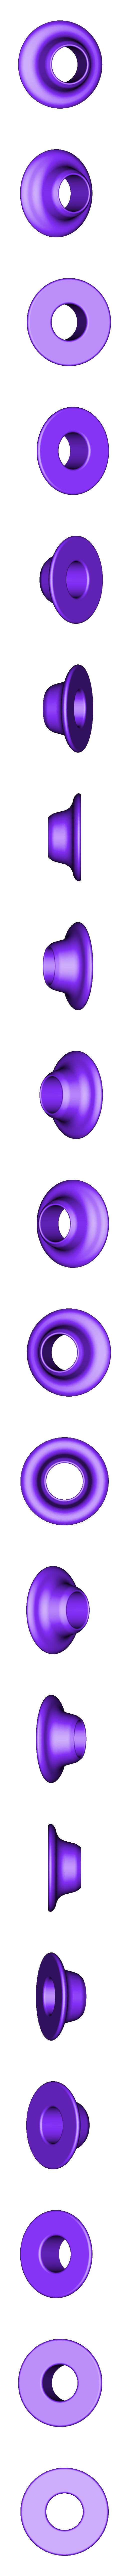 shampoo_flipper.stl Télécharger fichier STL gratuit flacon de shampoing • Modèle imprimable en 3D, Punisher_4u